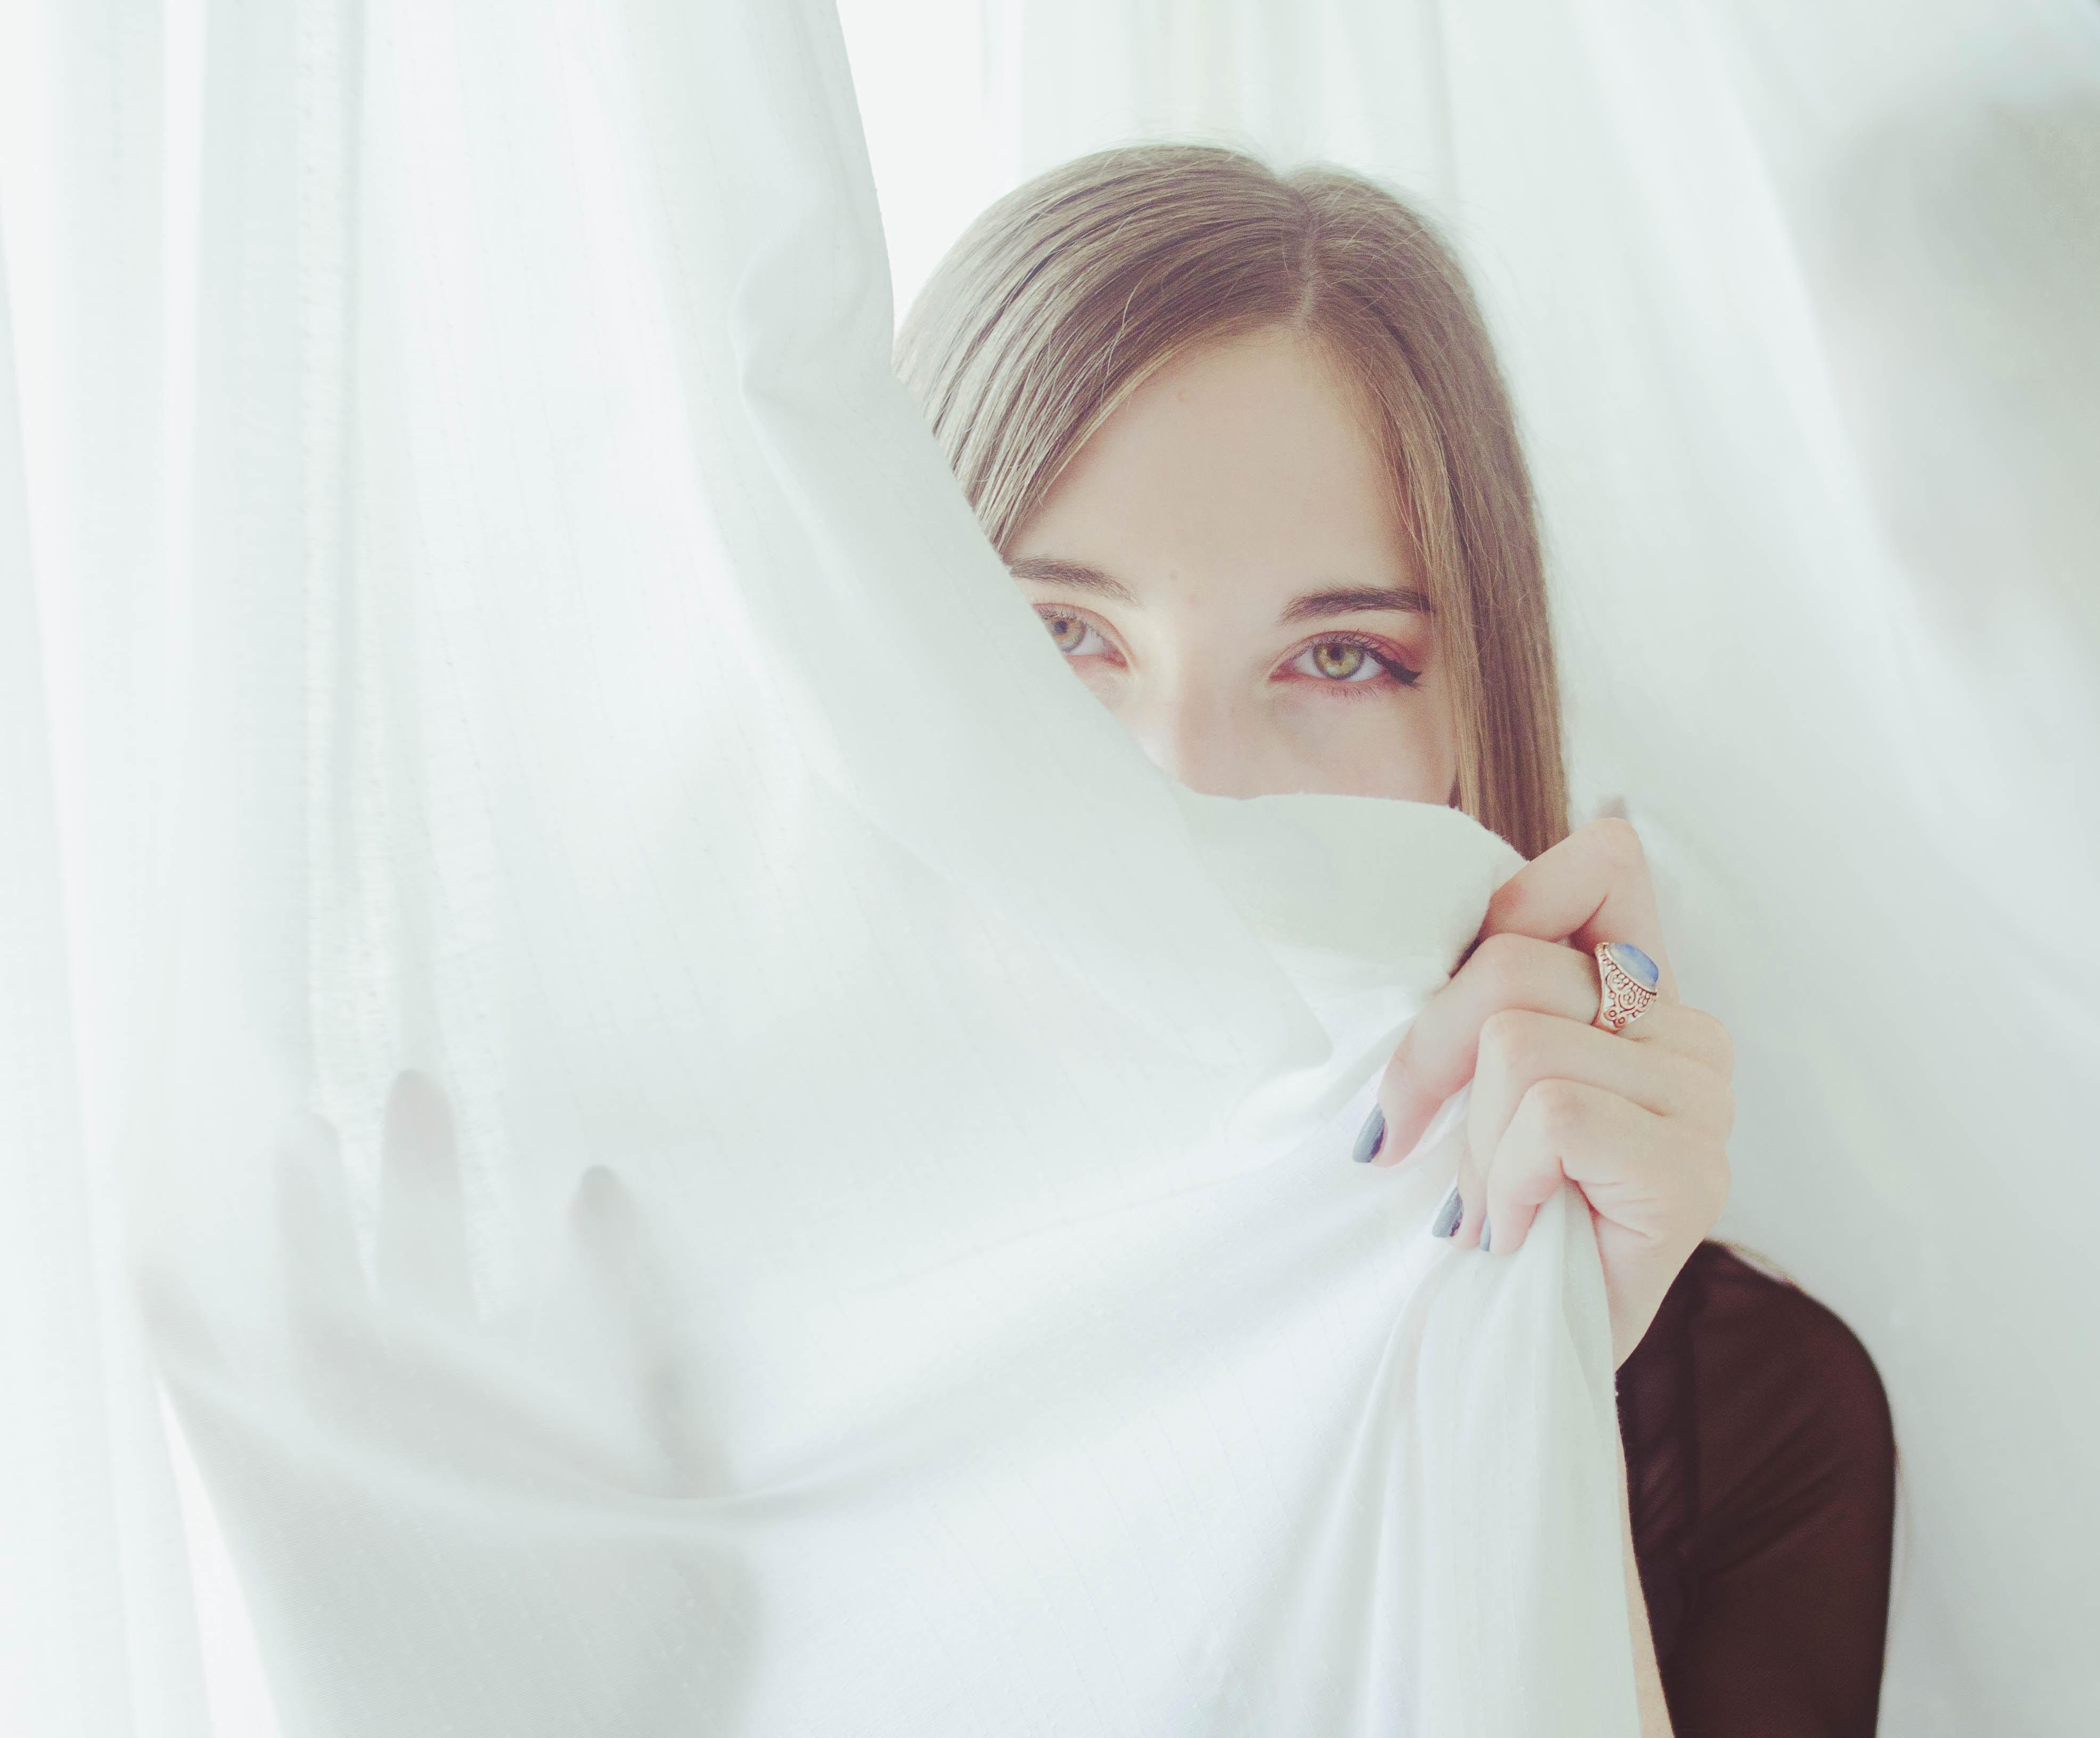 woman hiding on cloth